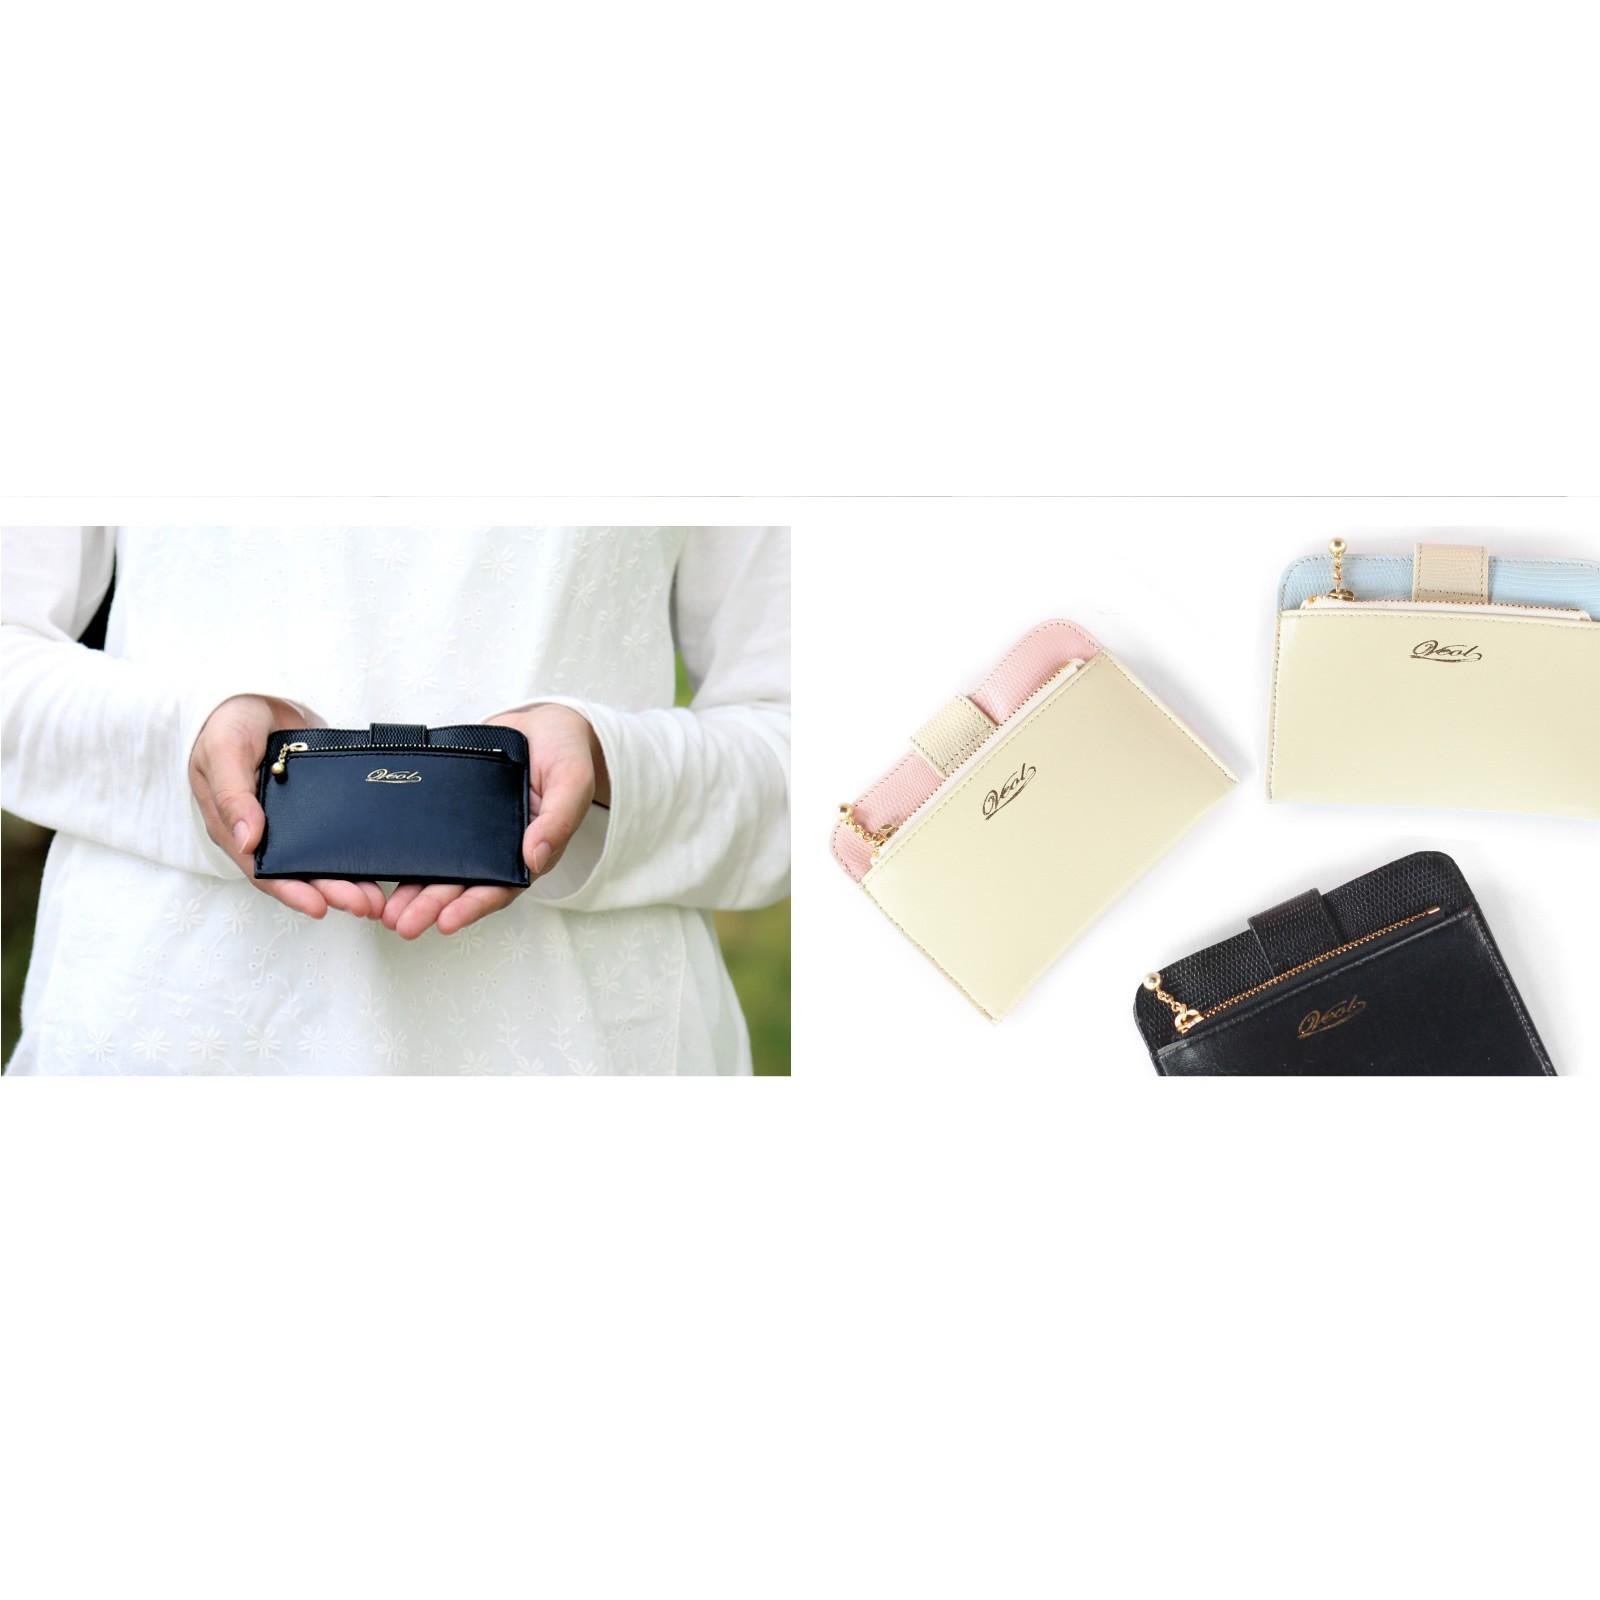 【ふるさと納税】本革ミニ財布 ブラック